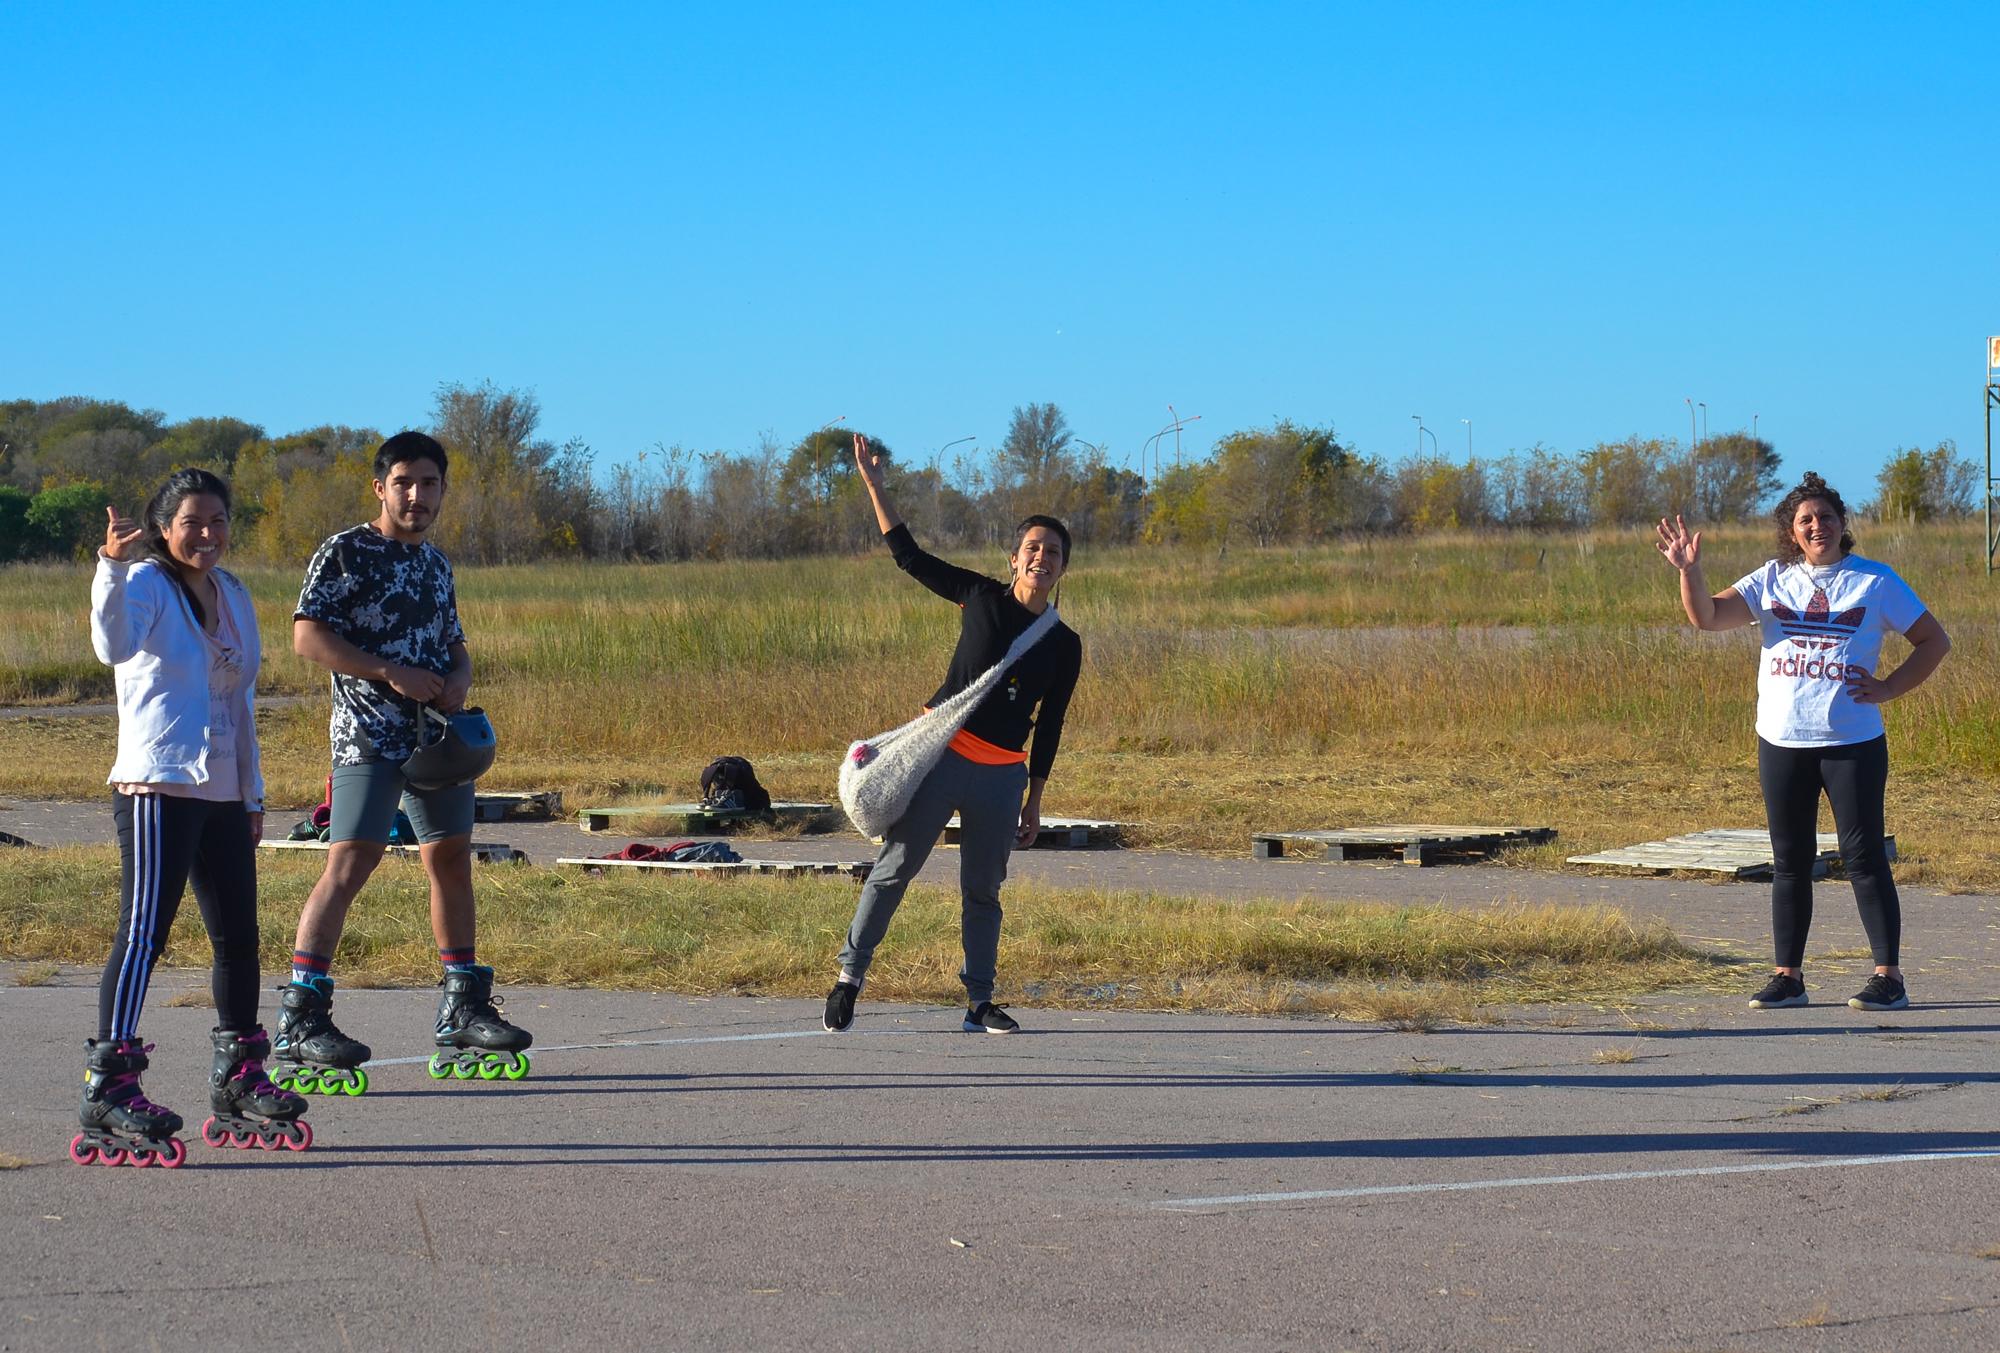 ¡Buena noticia para los patinadores! Autorizan la práctica del patinaje en el antiguo autódromo de General Pico